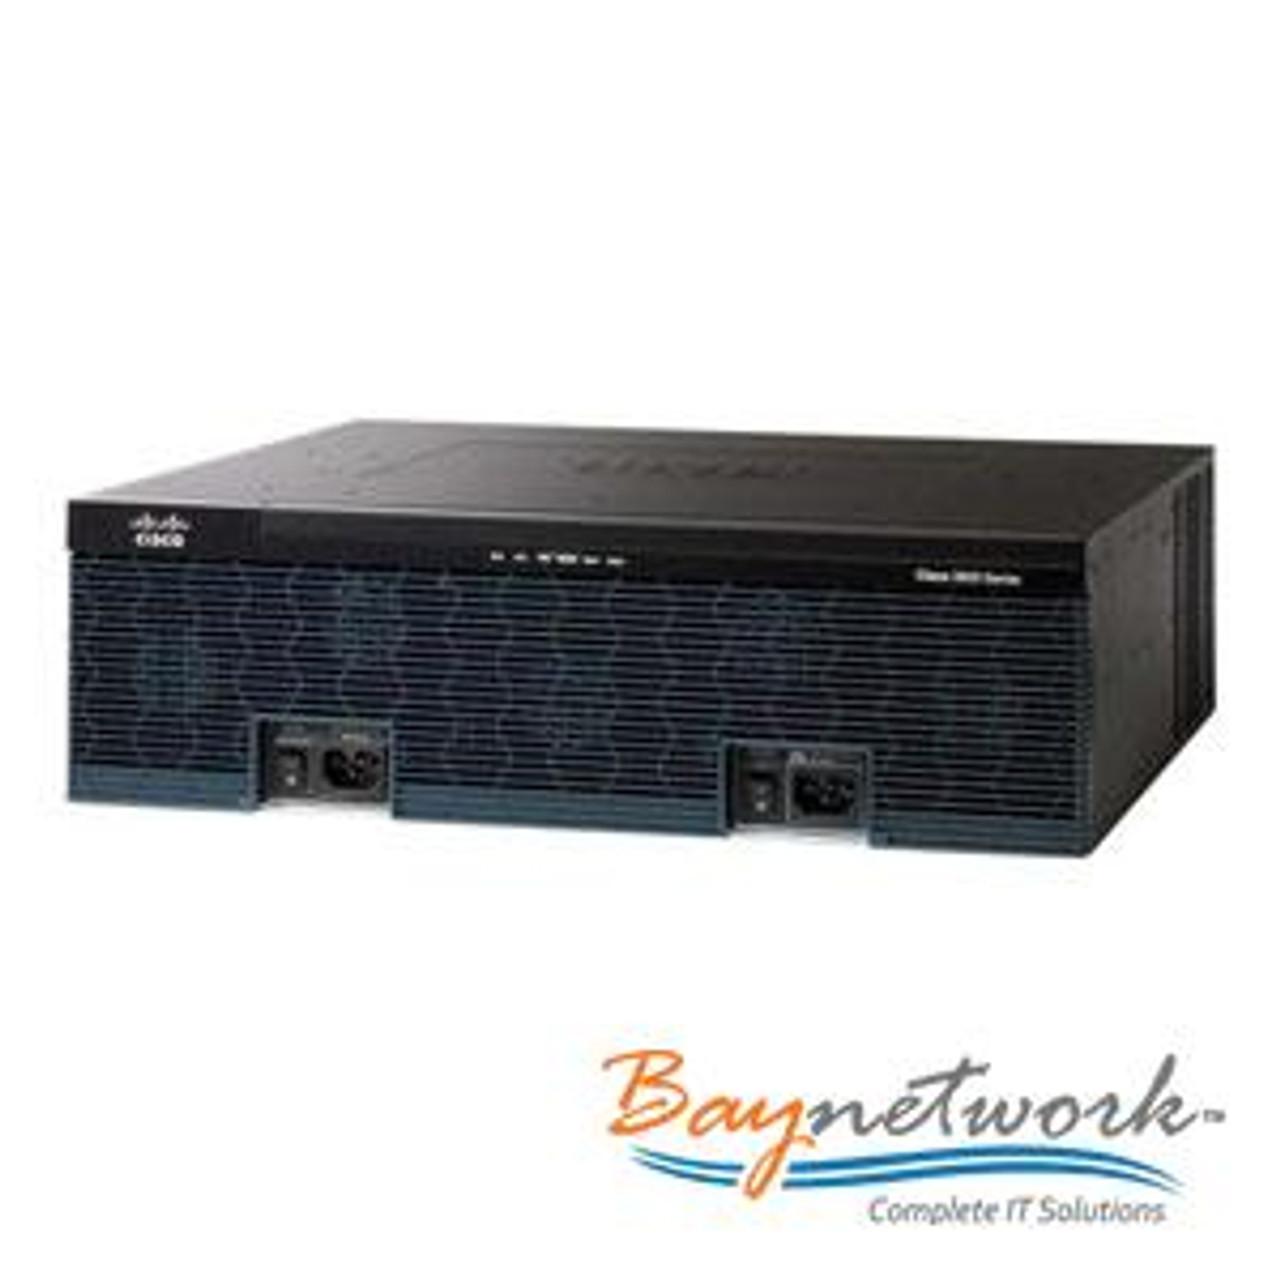 Cisco CISCO3925-K9